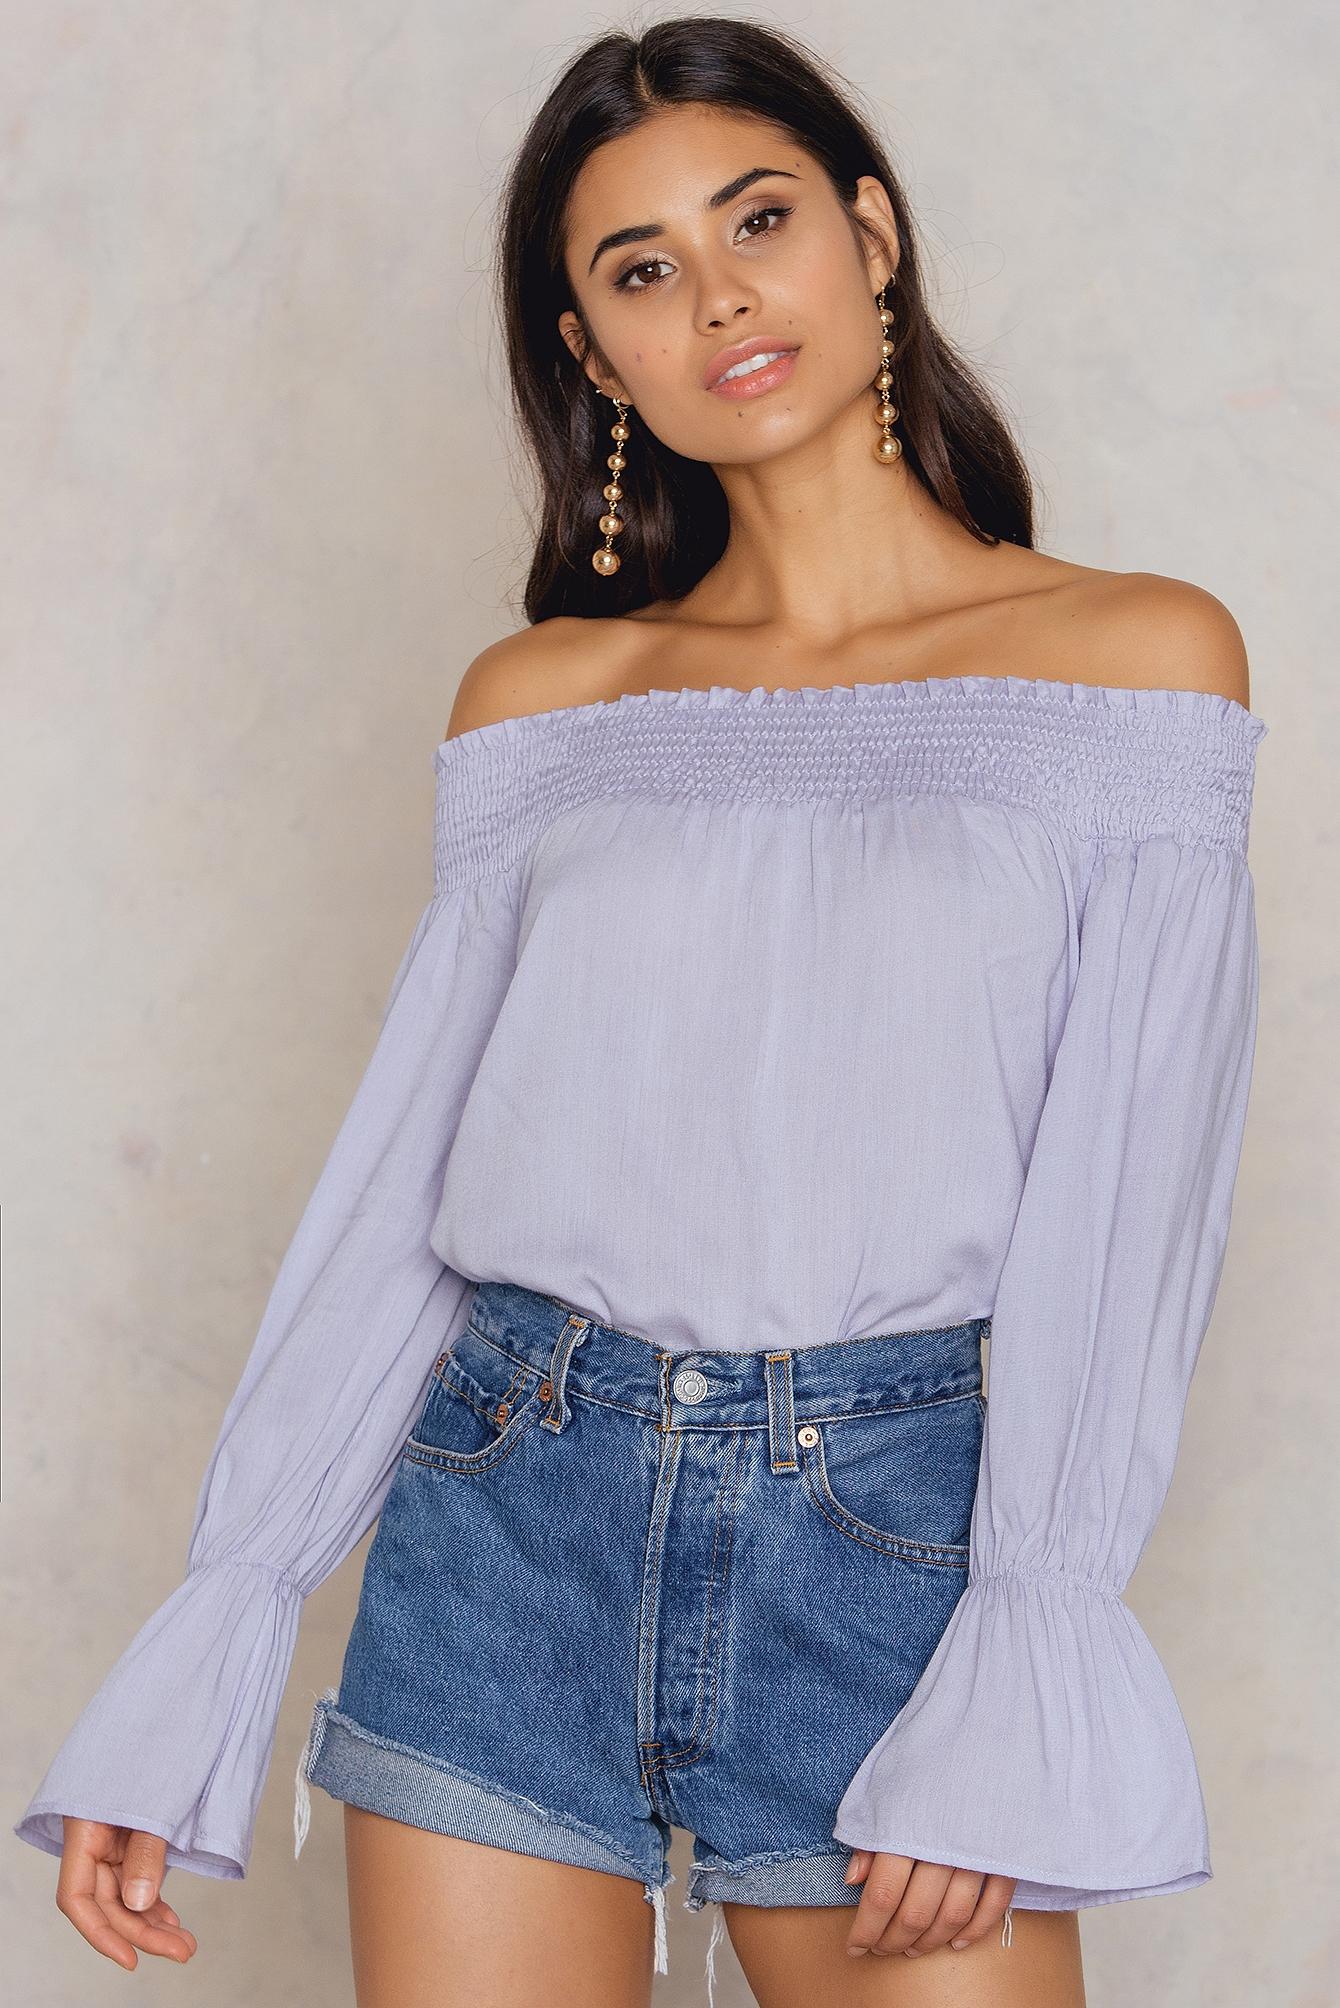 na-kd boho -  Off Shoulder Smock Top - Purple,Blue